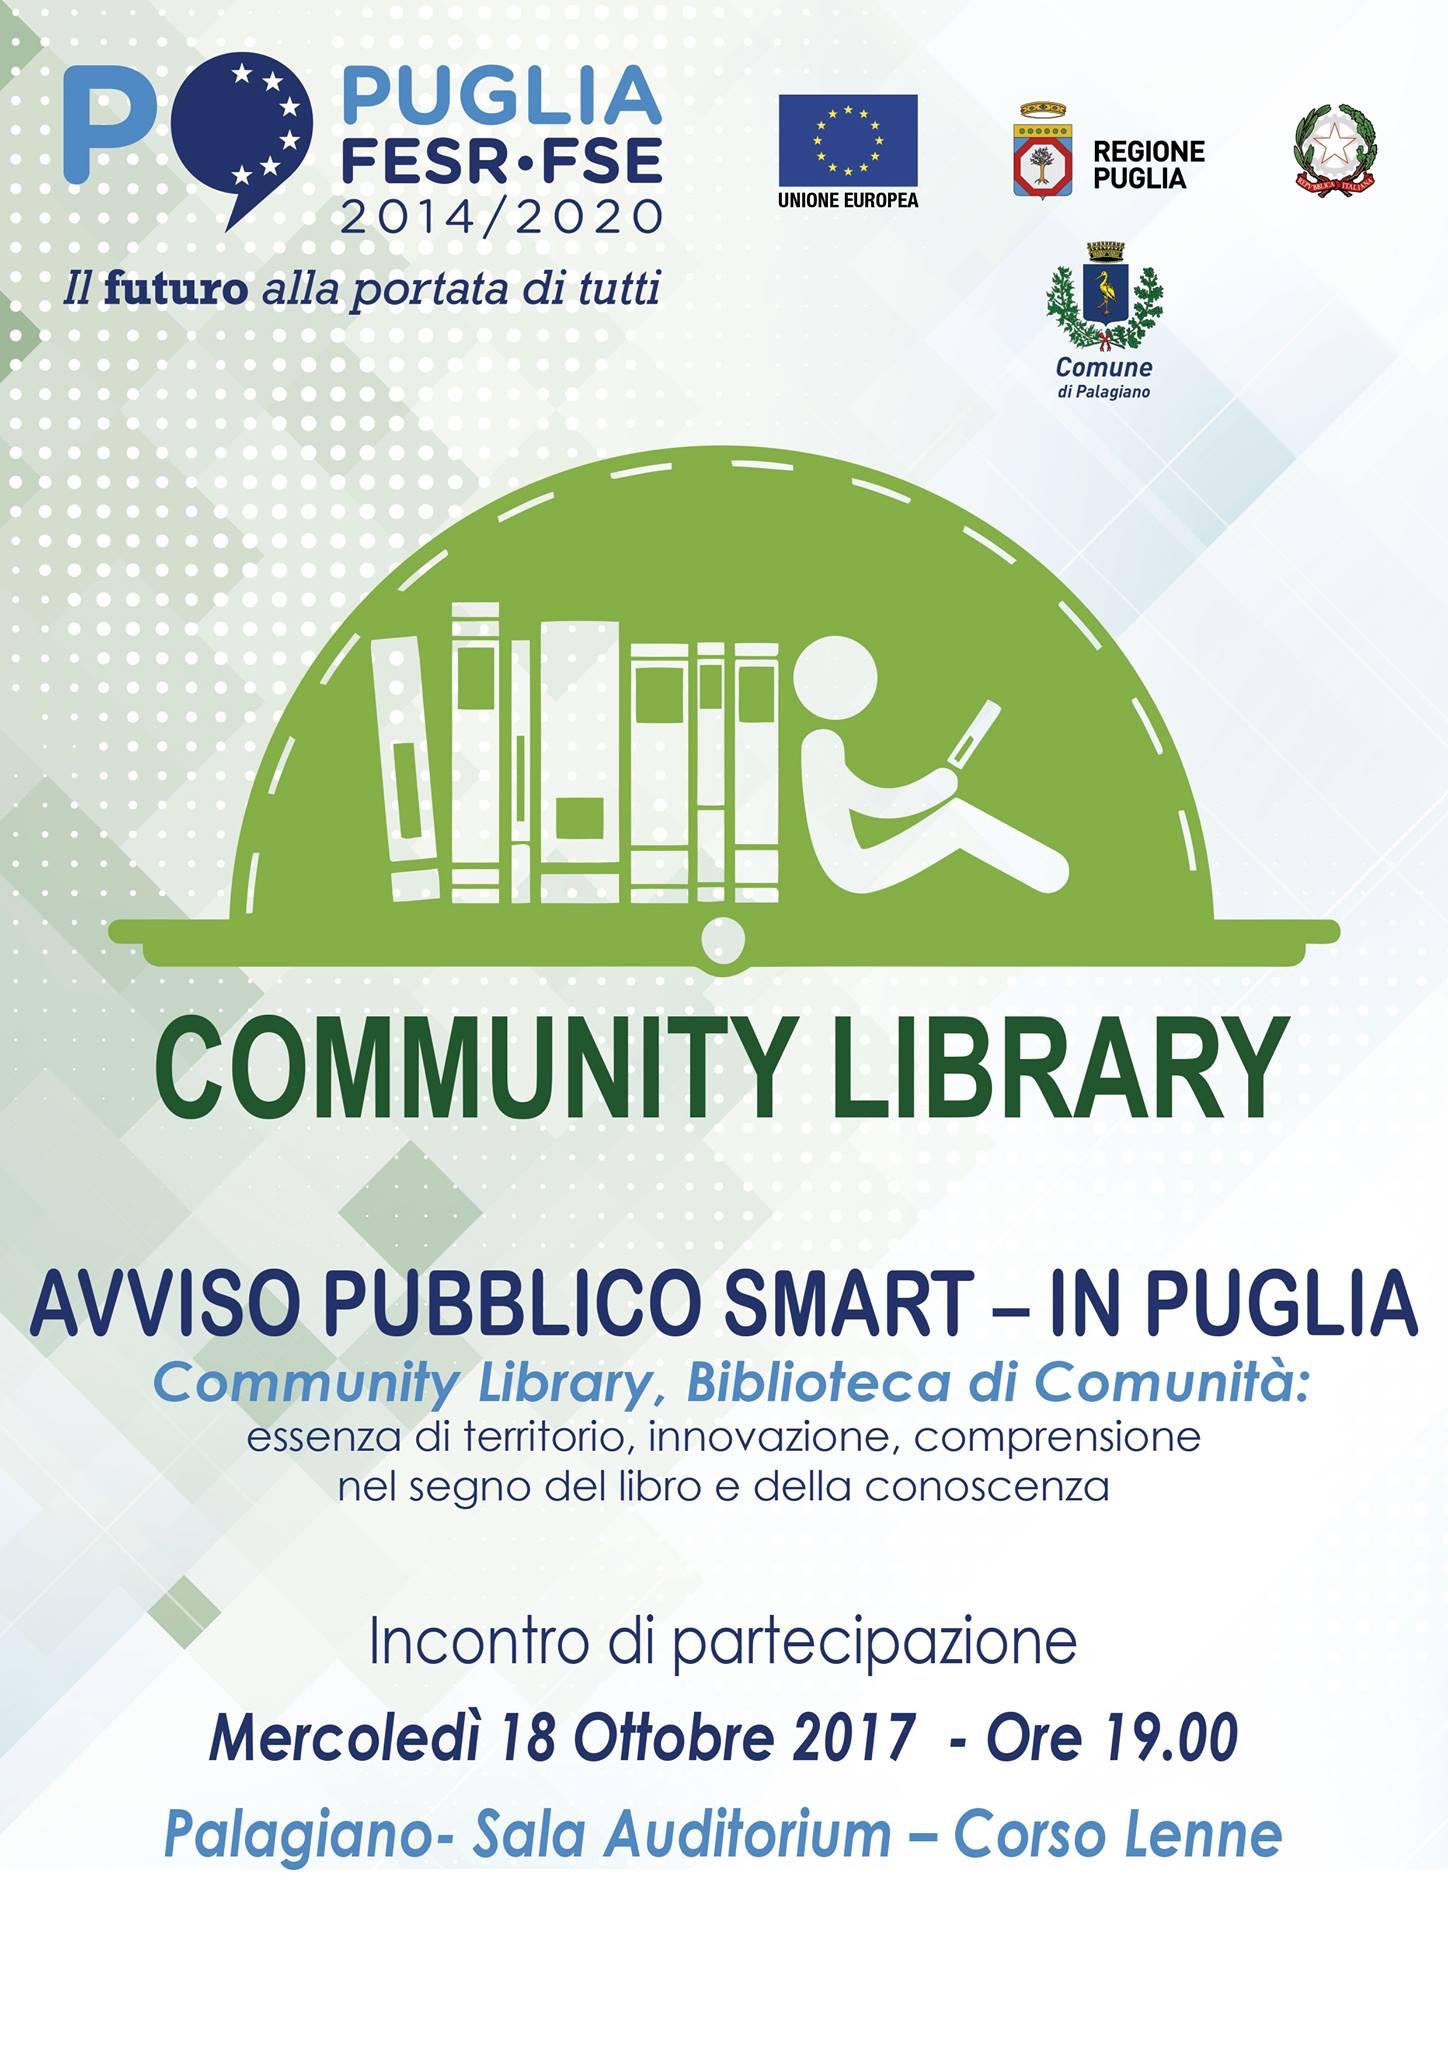 Community library: la Biblioteca partecipata. A Palagiano